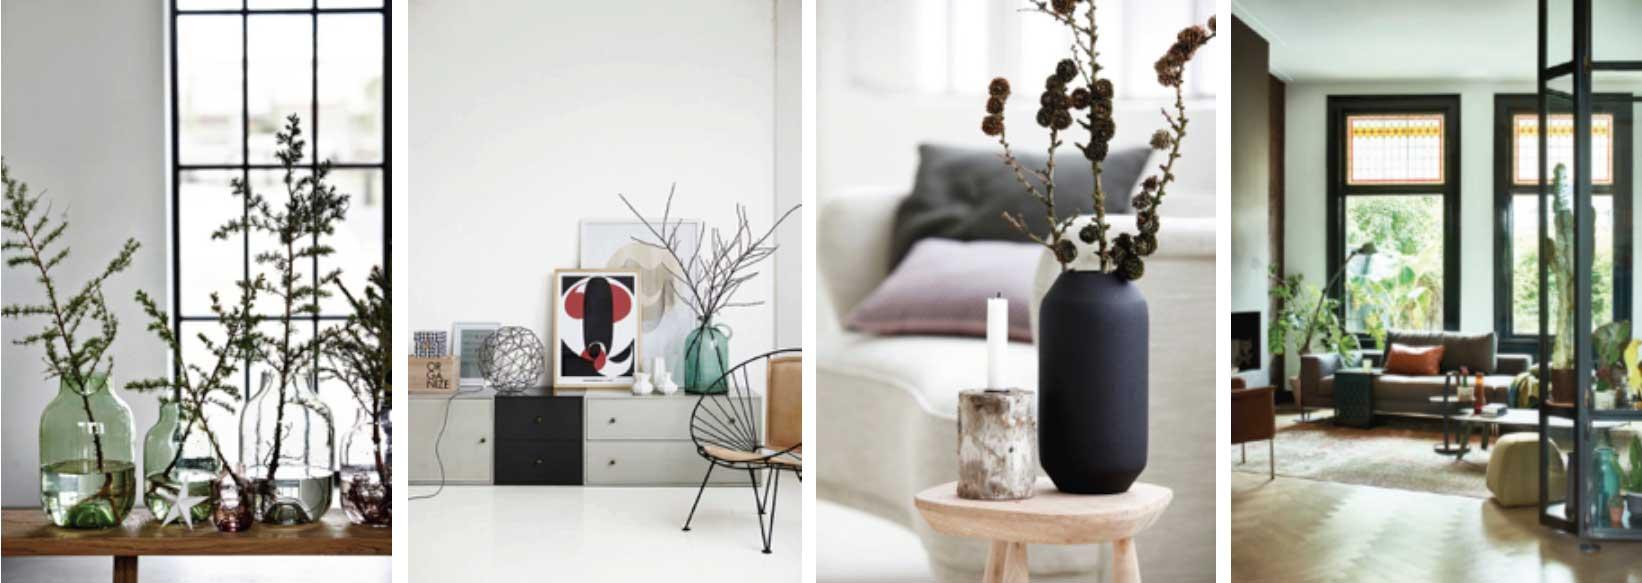 5 tips om uw huis winterklaar te maken design meubelen for Huis gezellig maken goedkoop